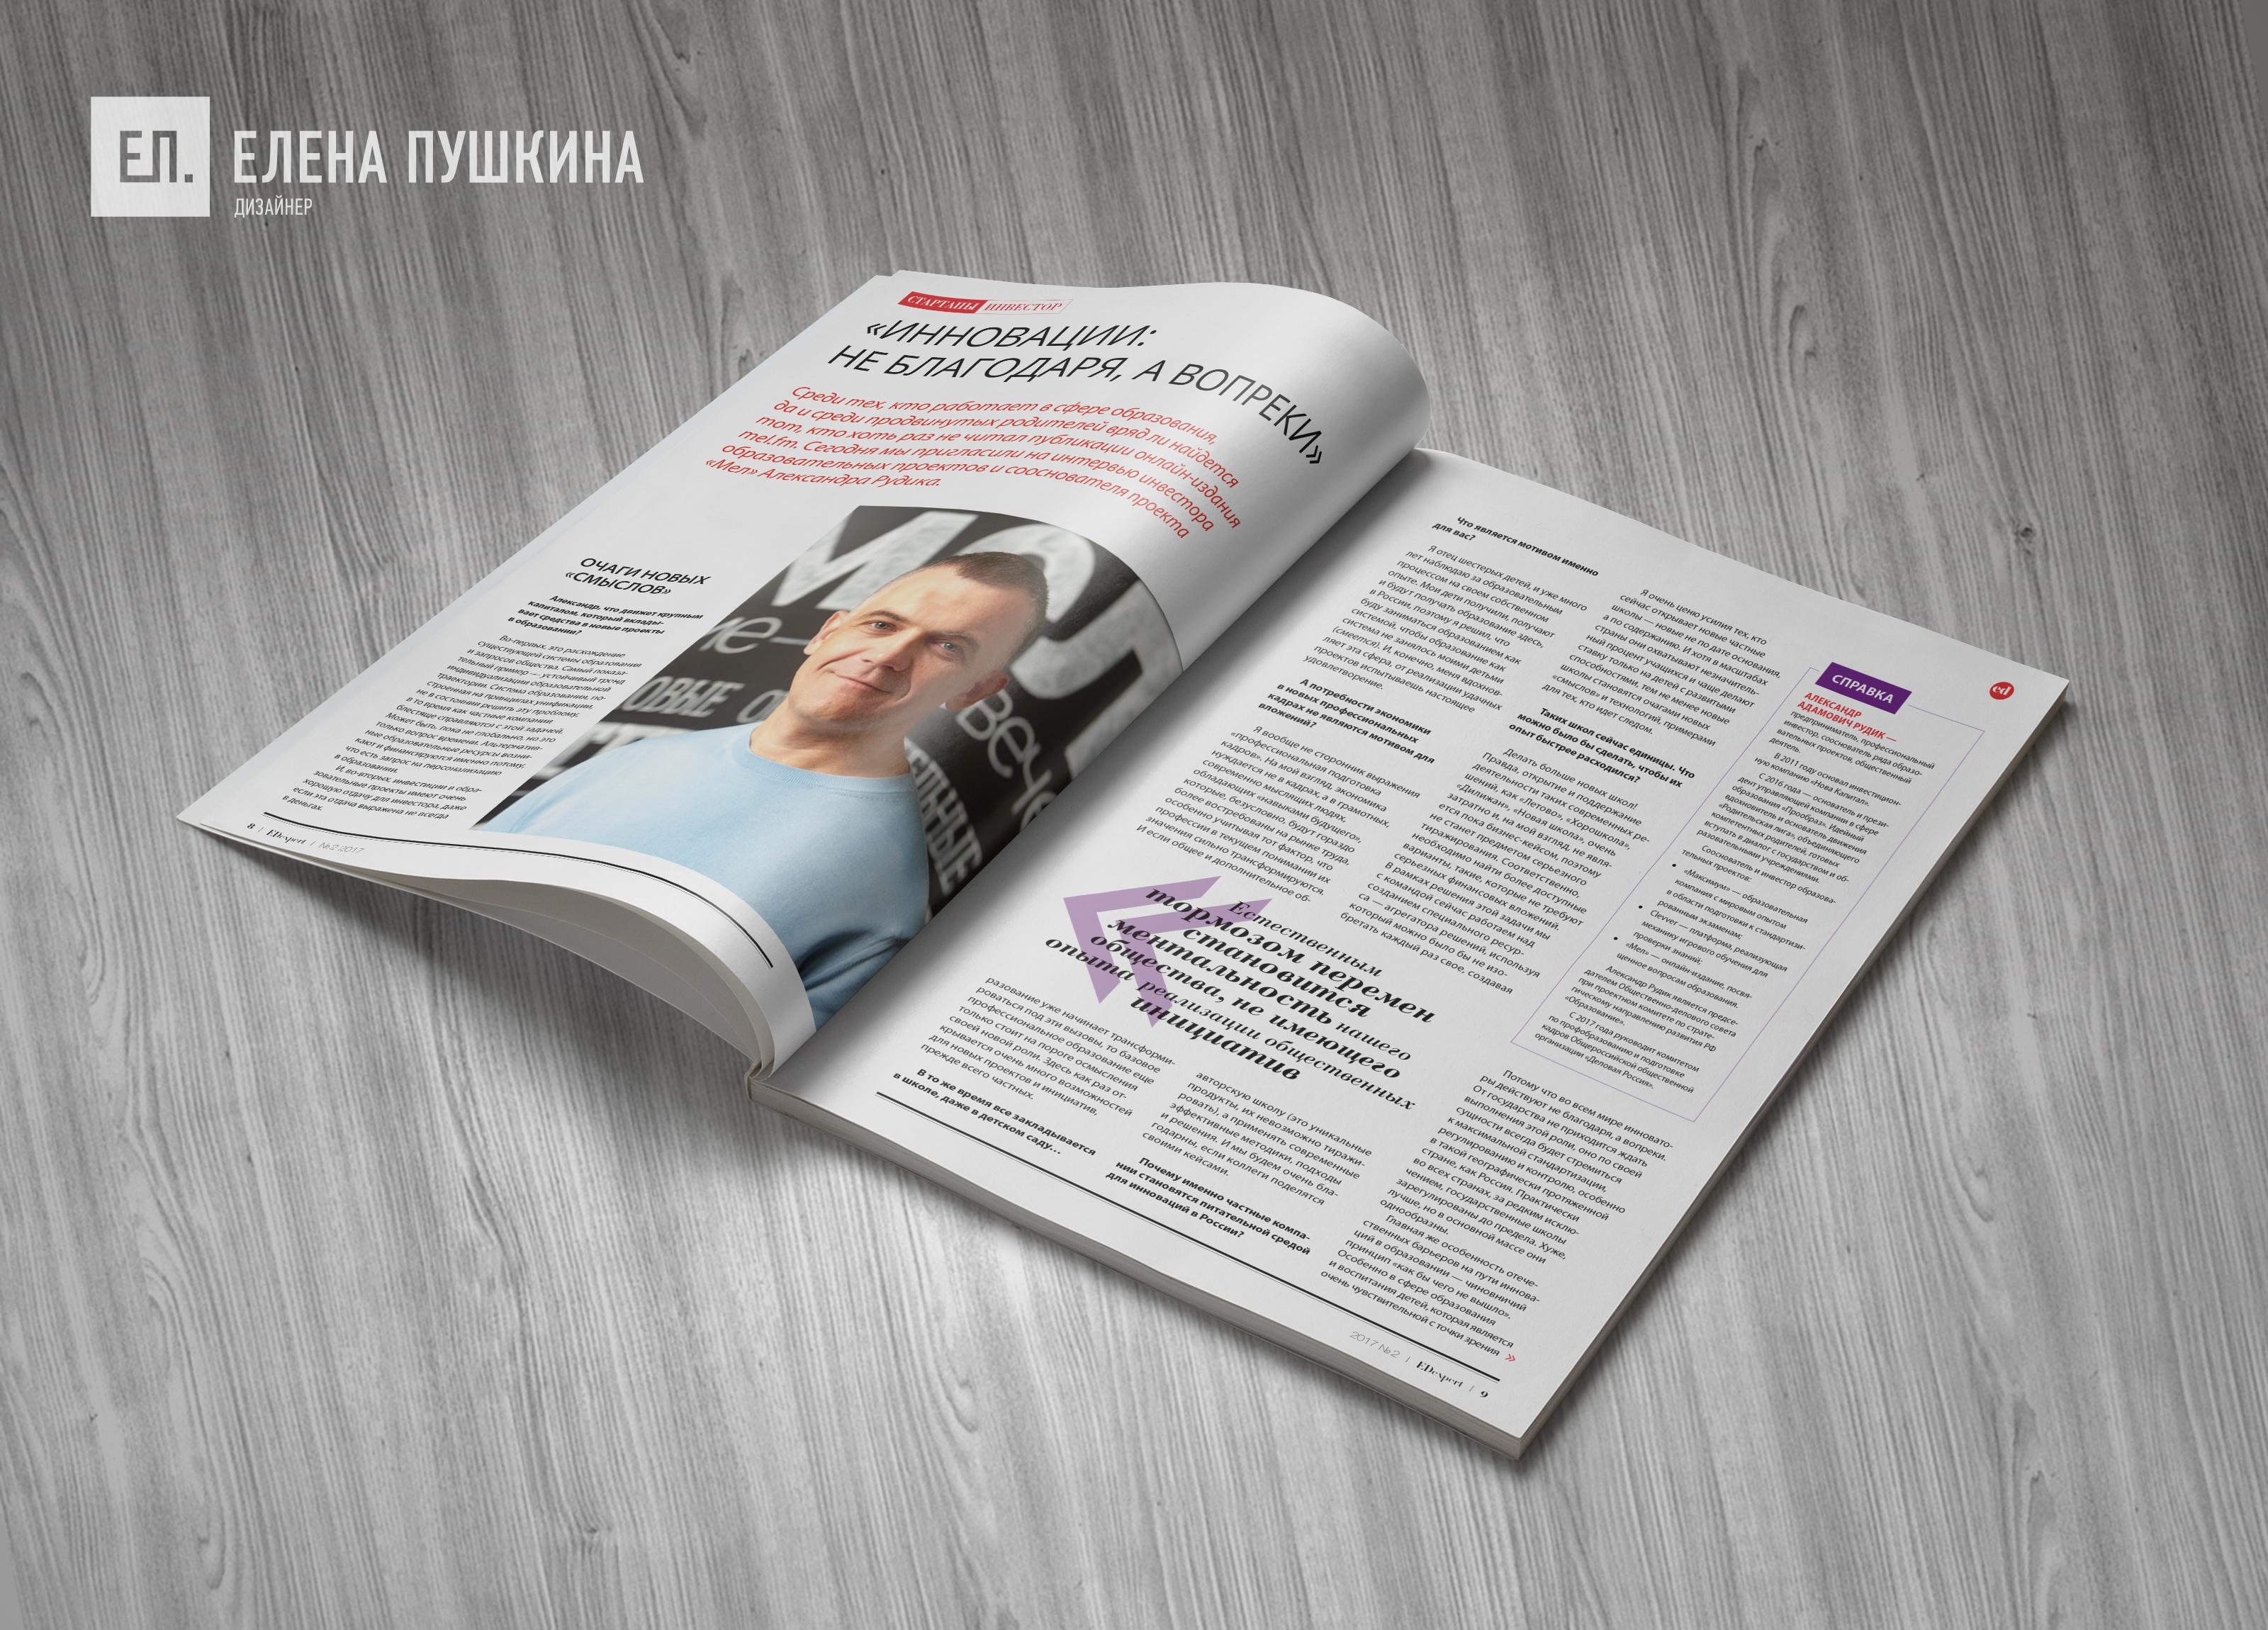 Журнал «EDexpert» №2 декабрь 2017— разработка с«нуля» логотипа, обложки, макета ивёрстка журнала Разработка журналов Портфолио